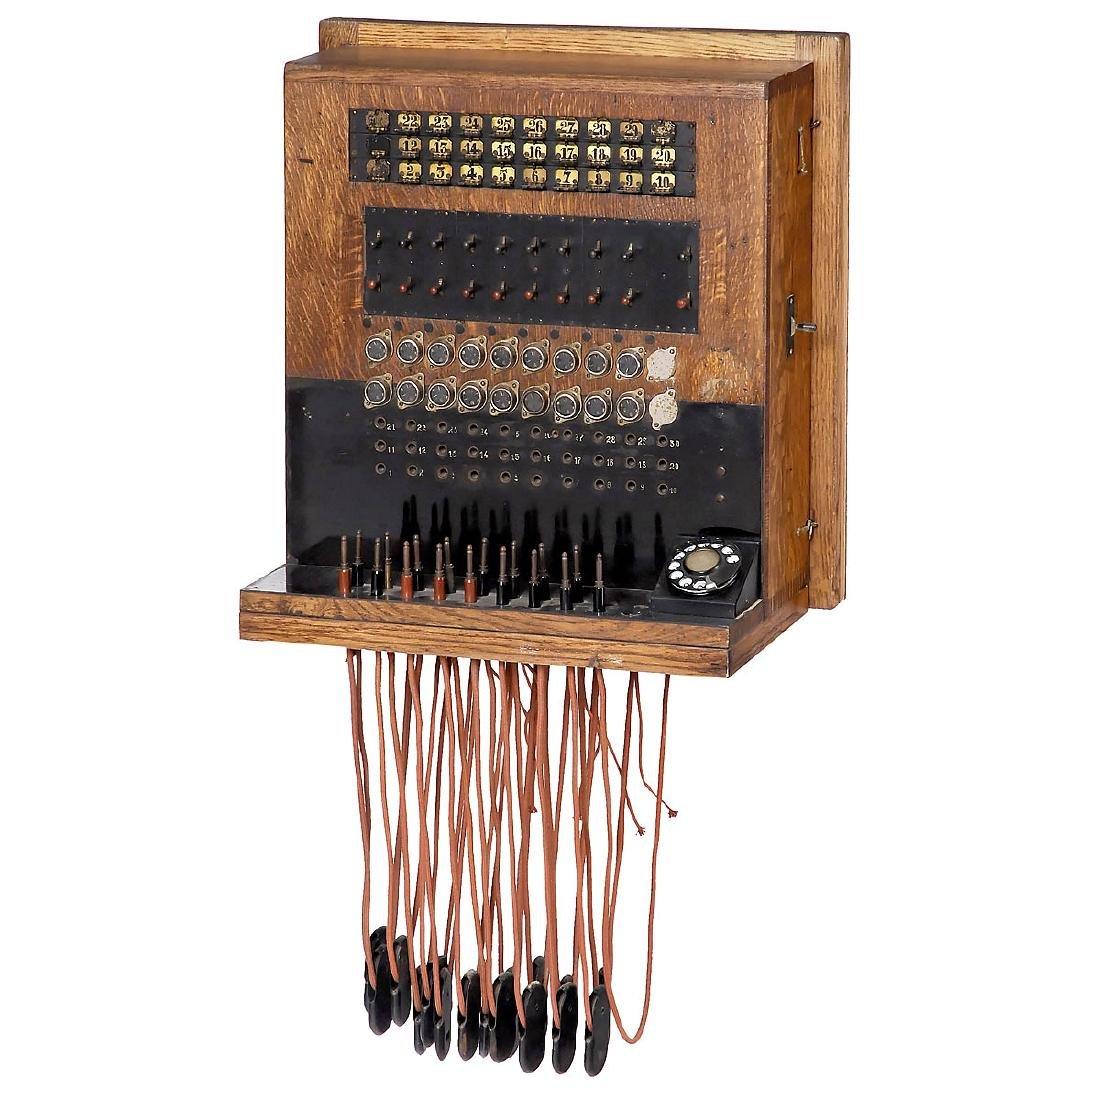 Belgian ATEA Telephone Switchboard, c. 1930